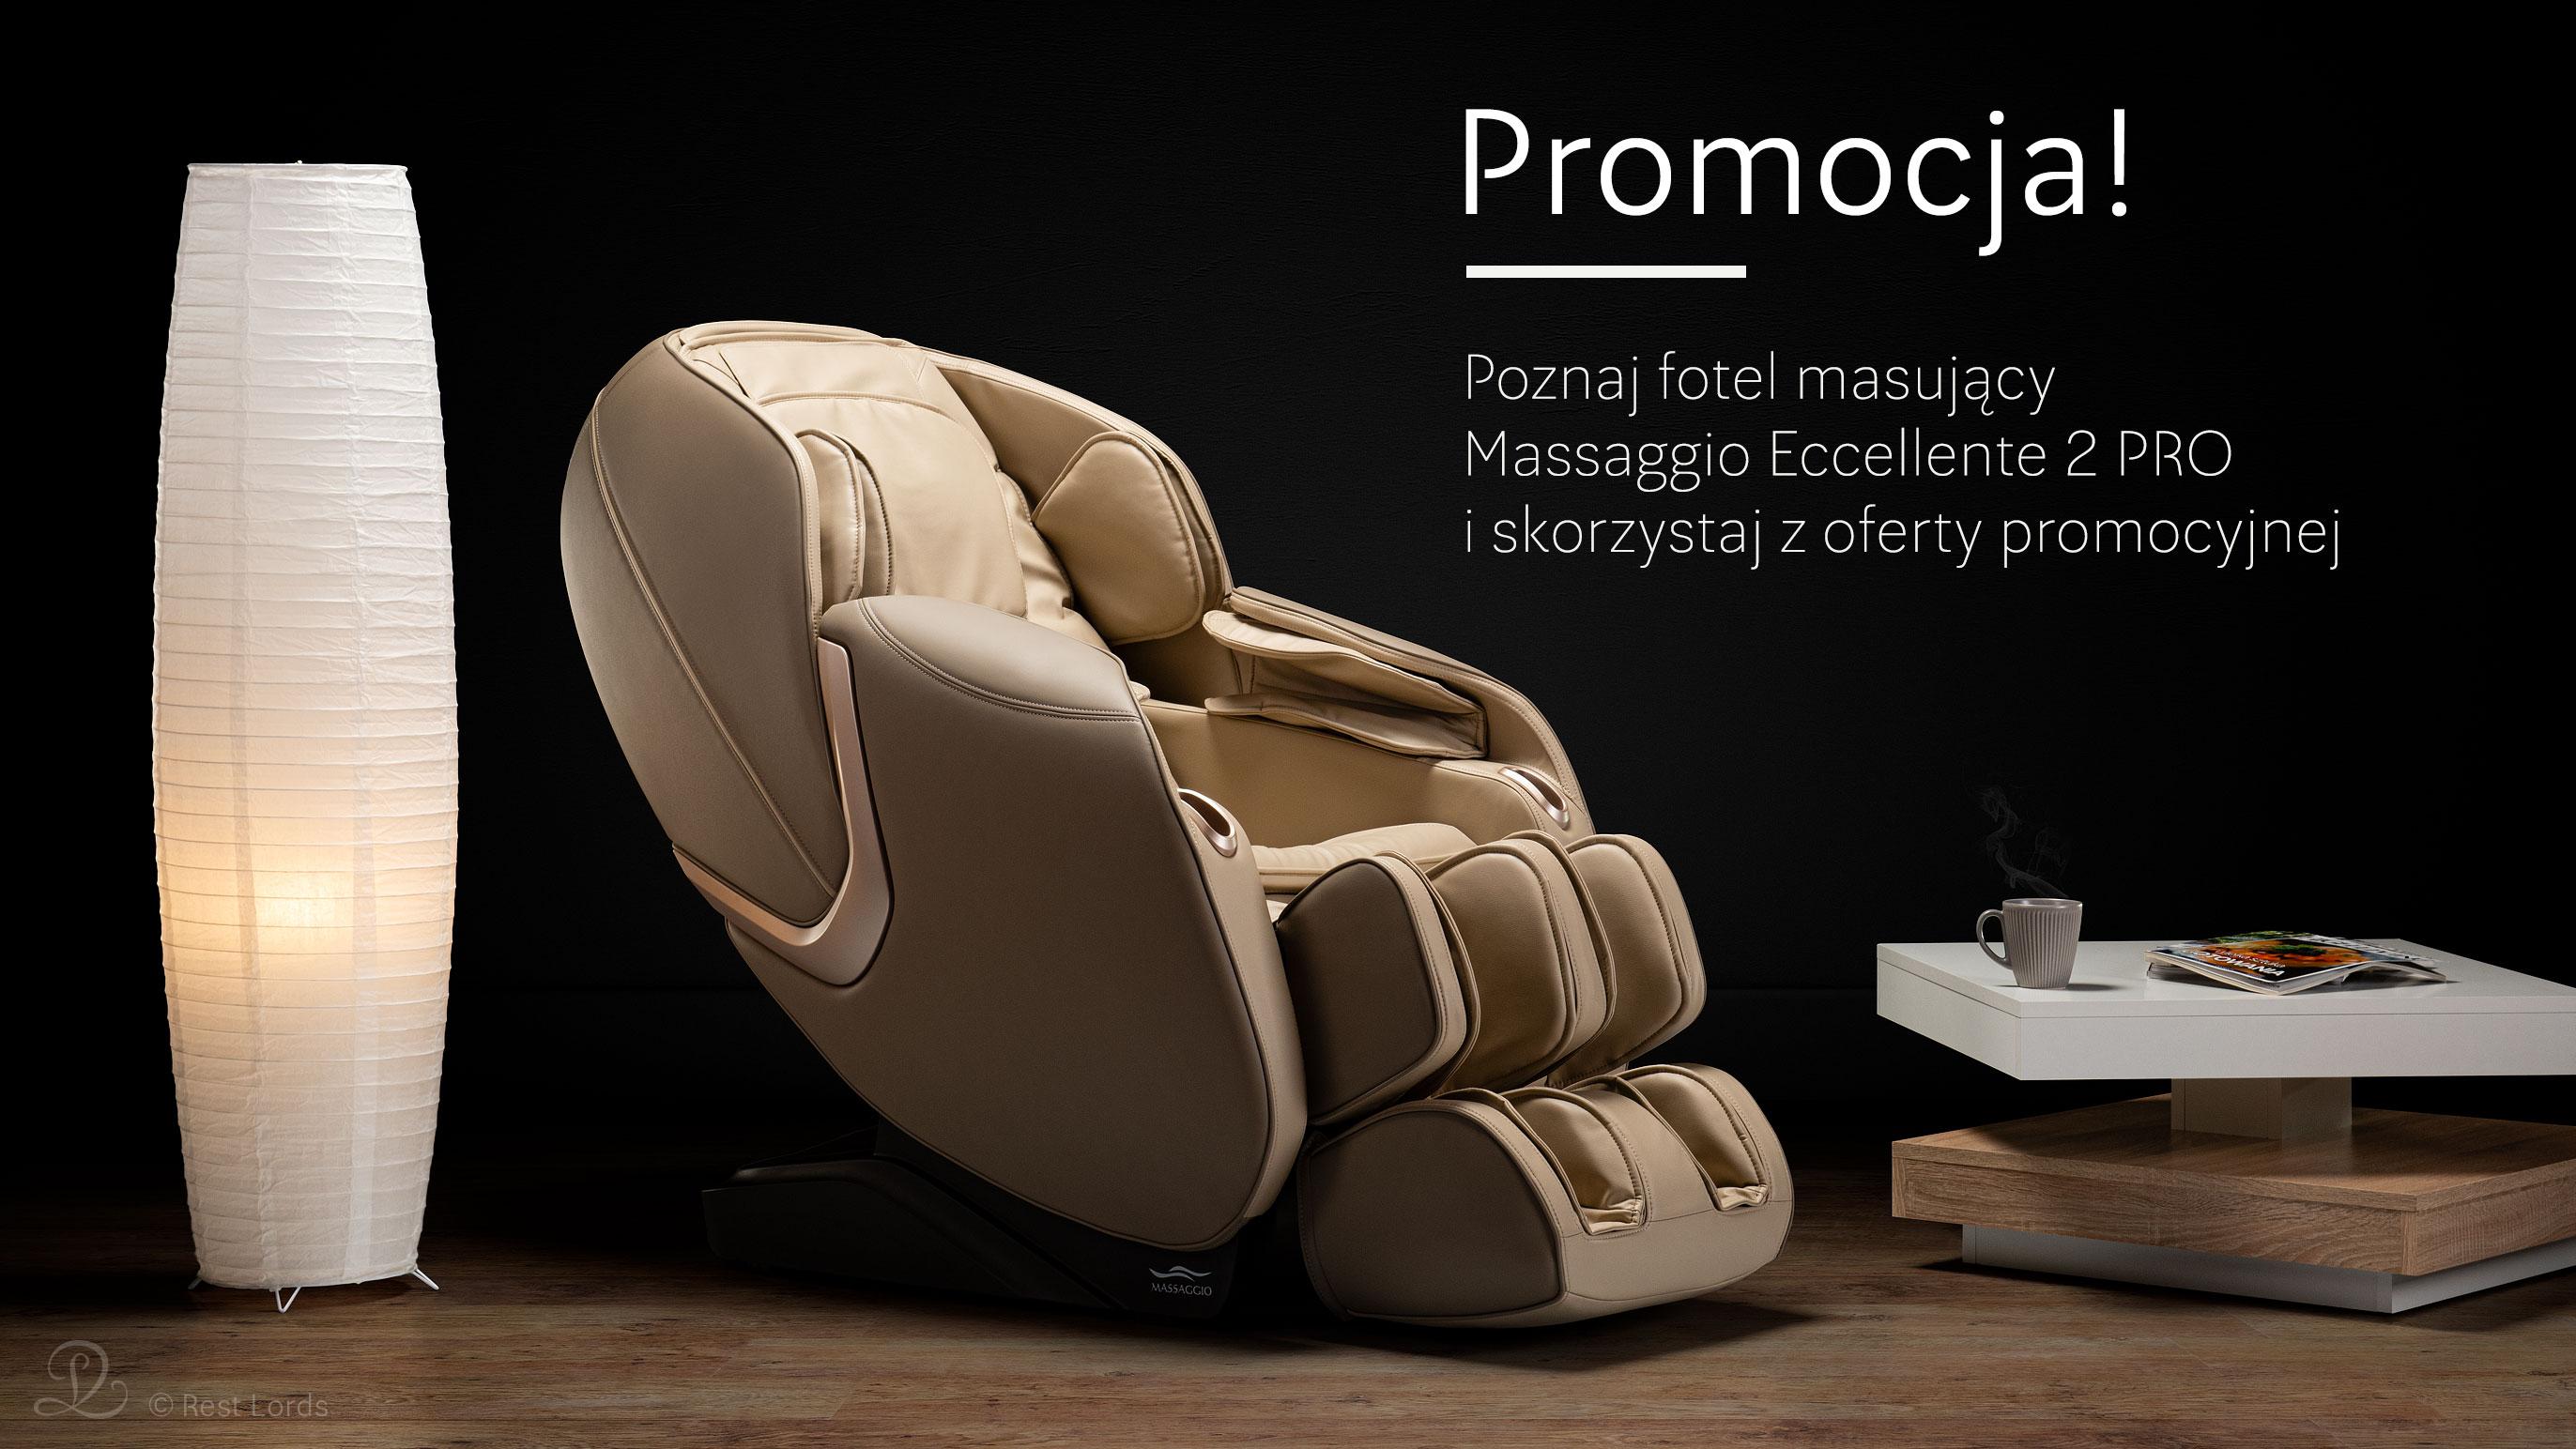 Fotel masujący Massaggio Eccellente 2 PRO promocja wyprzedaż